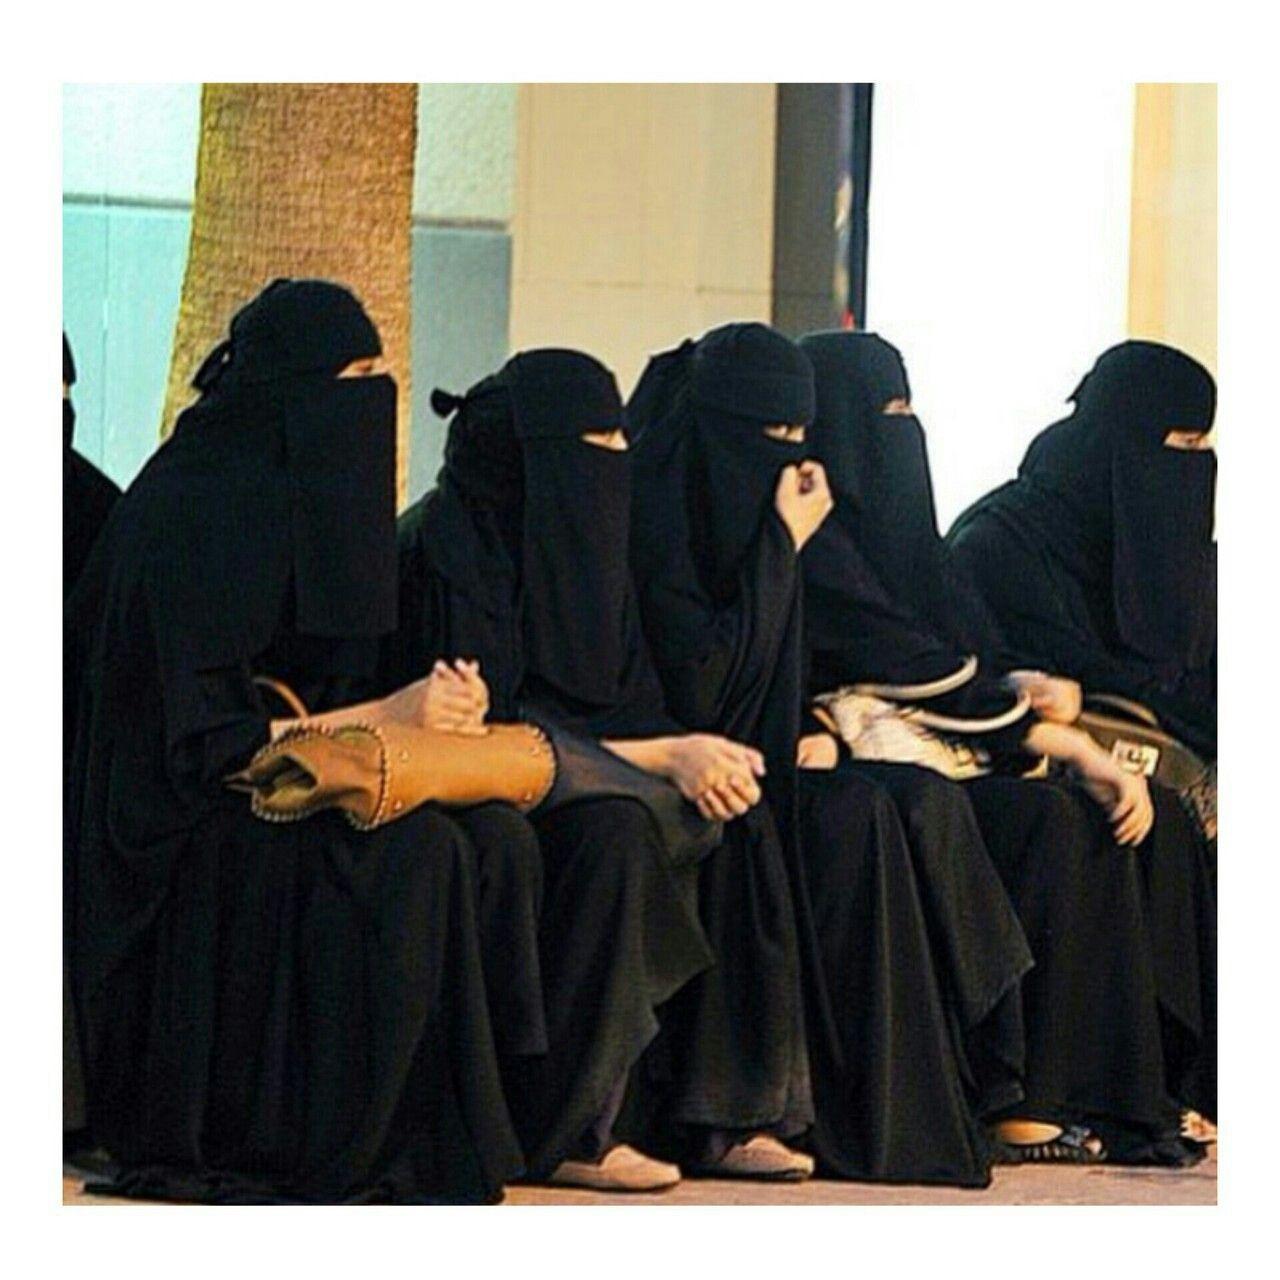 Pin By Dr Abdul On Hijabi Girl Women Saudi Arabia Women Vote